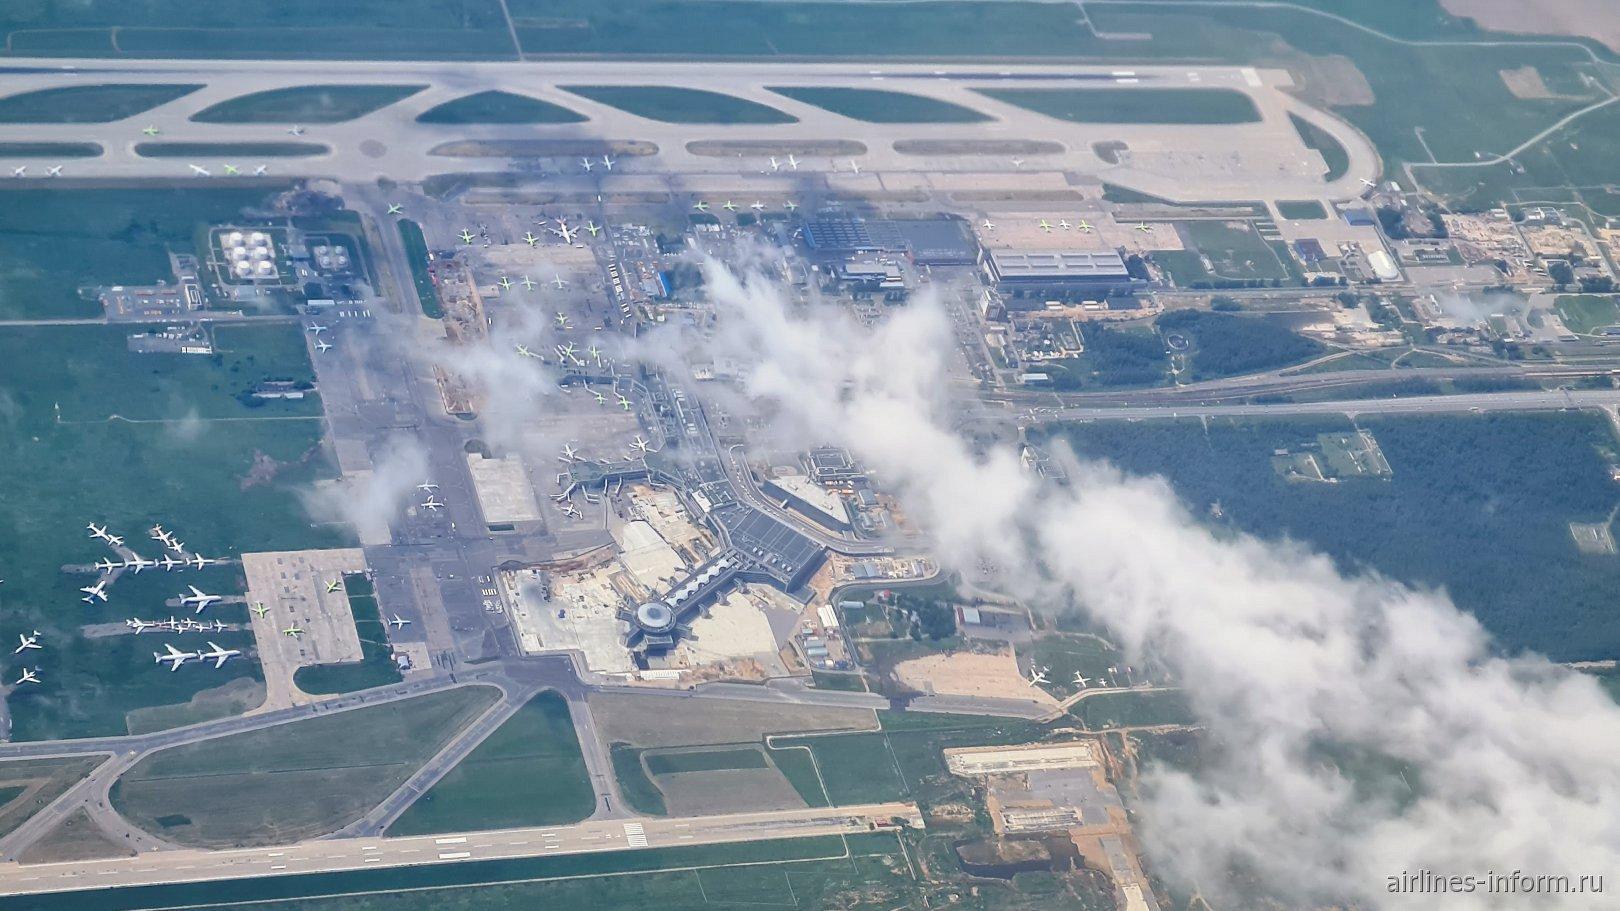 Вид сверху на аэровокзальный комплекс аэропорта Домодедово